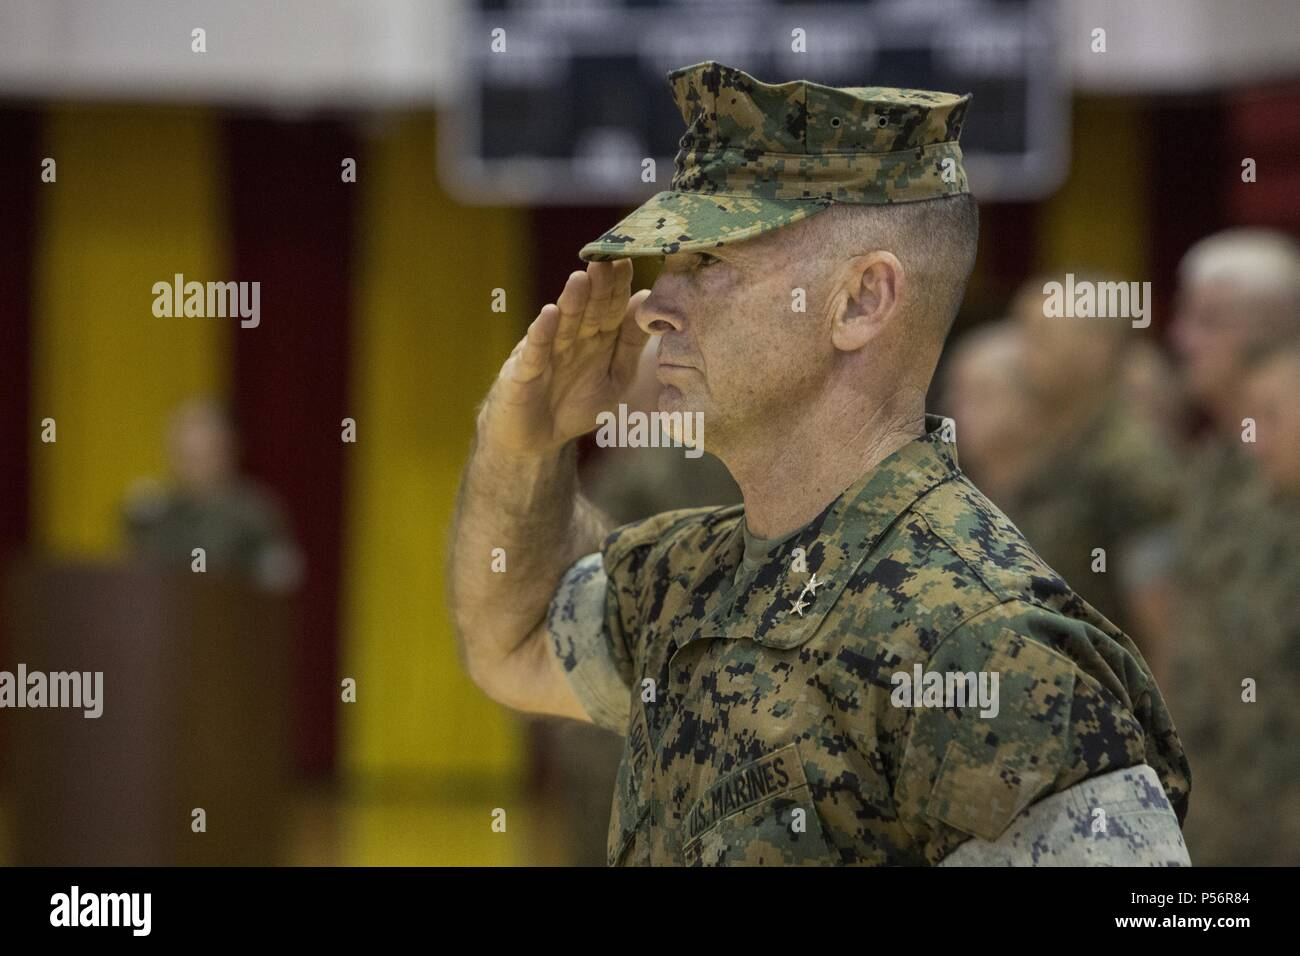 Us Marine Corps Generalmajor John K. Liebe, der kommandierende General des 2nd Marine Division, begrüßt im Laufe des 6 Marine Regiment Ändern des Befehls Zeremonie in Camp Lejeune, N.C. Juni 12, 2018, 12. Juni 2018. Während der Zeremonie, Oberst Matthew S. Reid Befehl der Steuereinheit zu Oberst Daniel T. Canfield Jr. (USA aufgegeben Marine Corps Foto von Pfc. Nathaniel f. Hamilton). () Stockbild